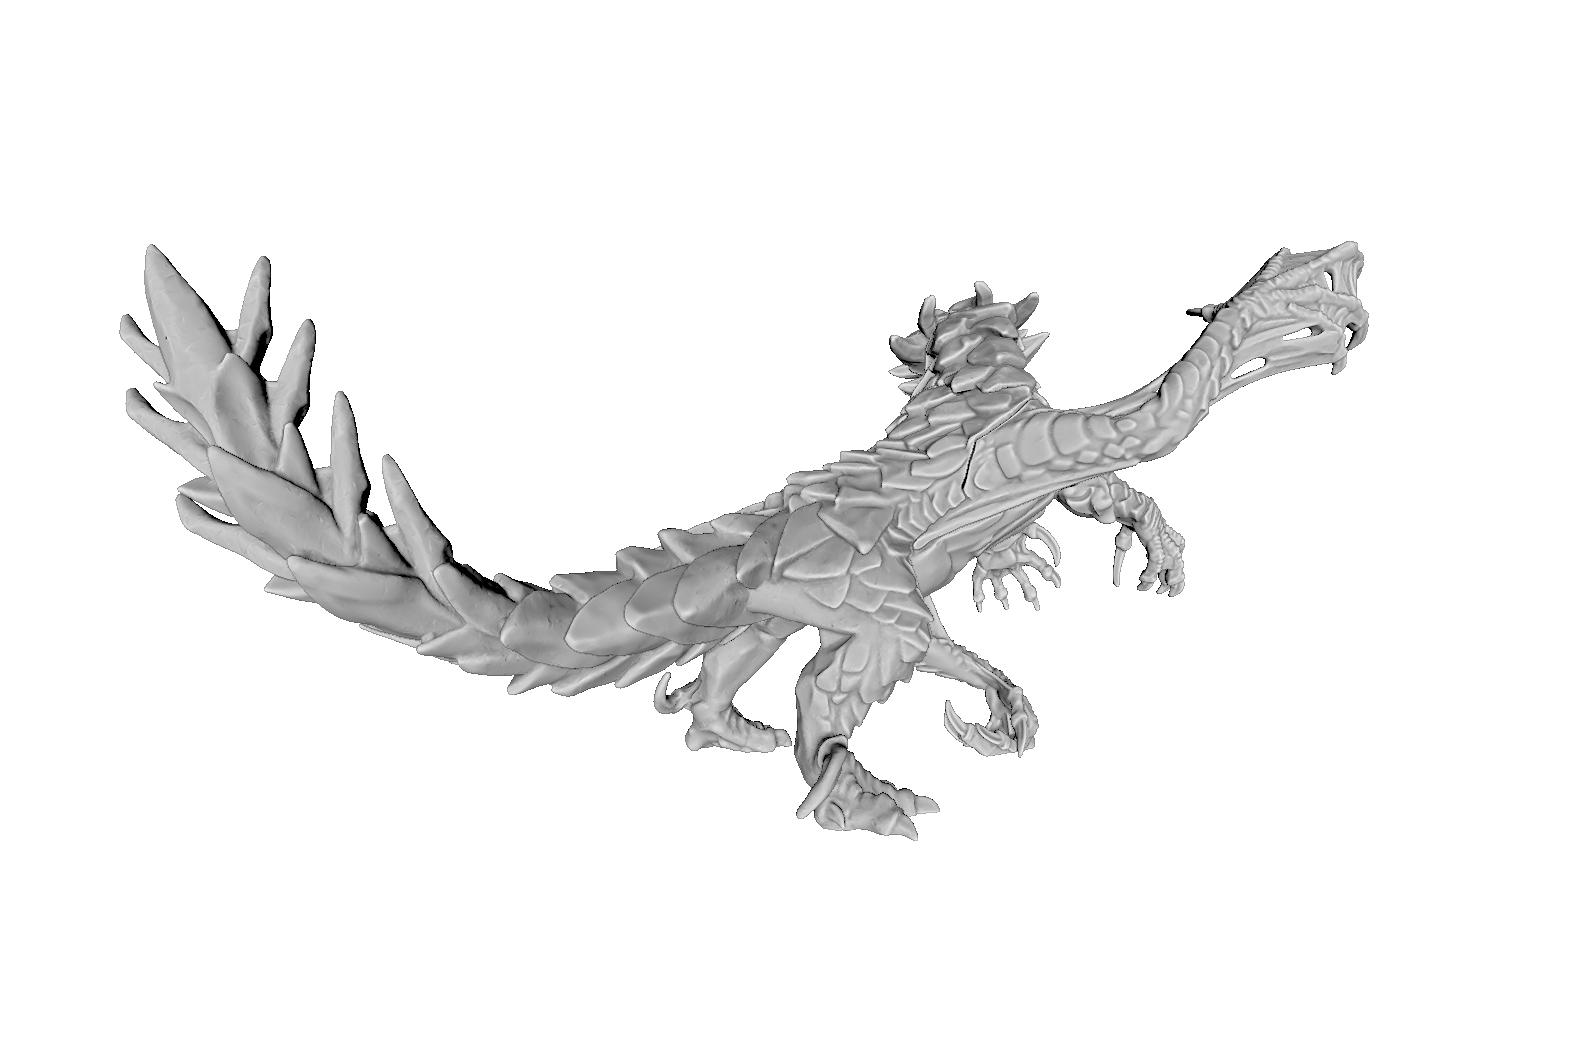 render03.png Download STL file Drakolisk (Variant 2) • 3D printing template, beldolor